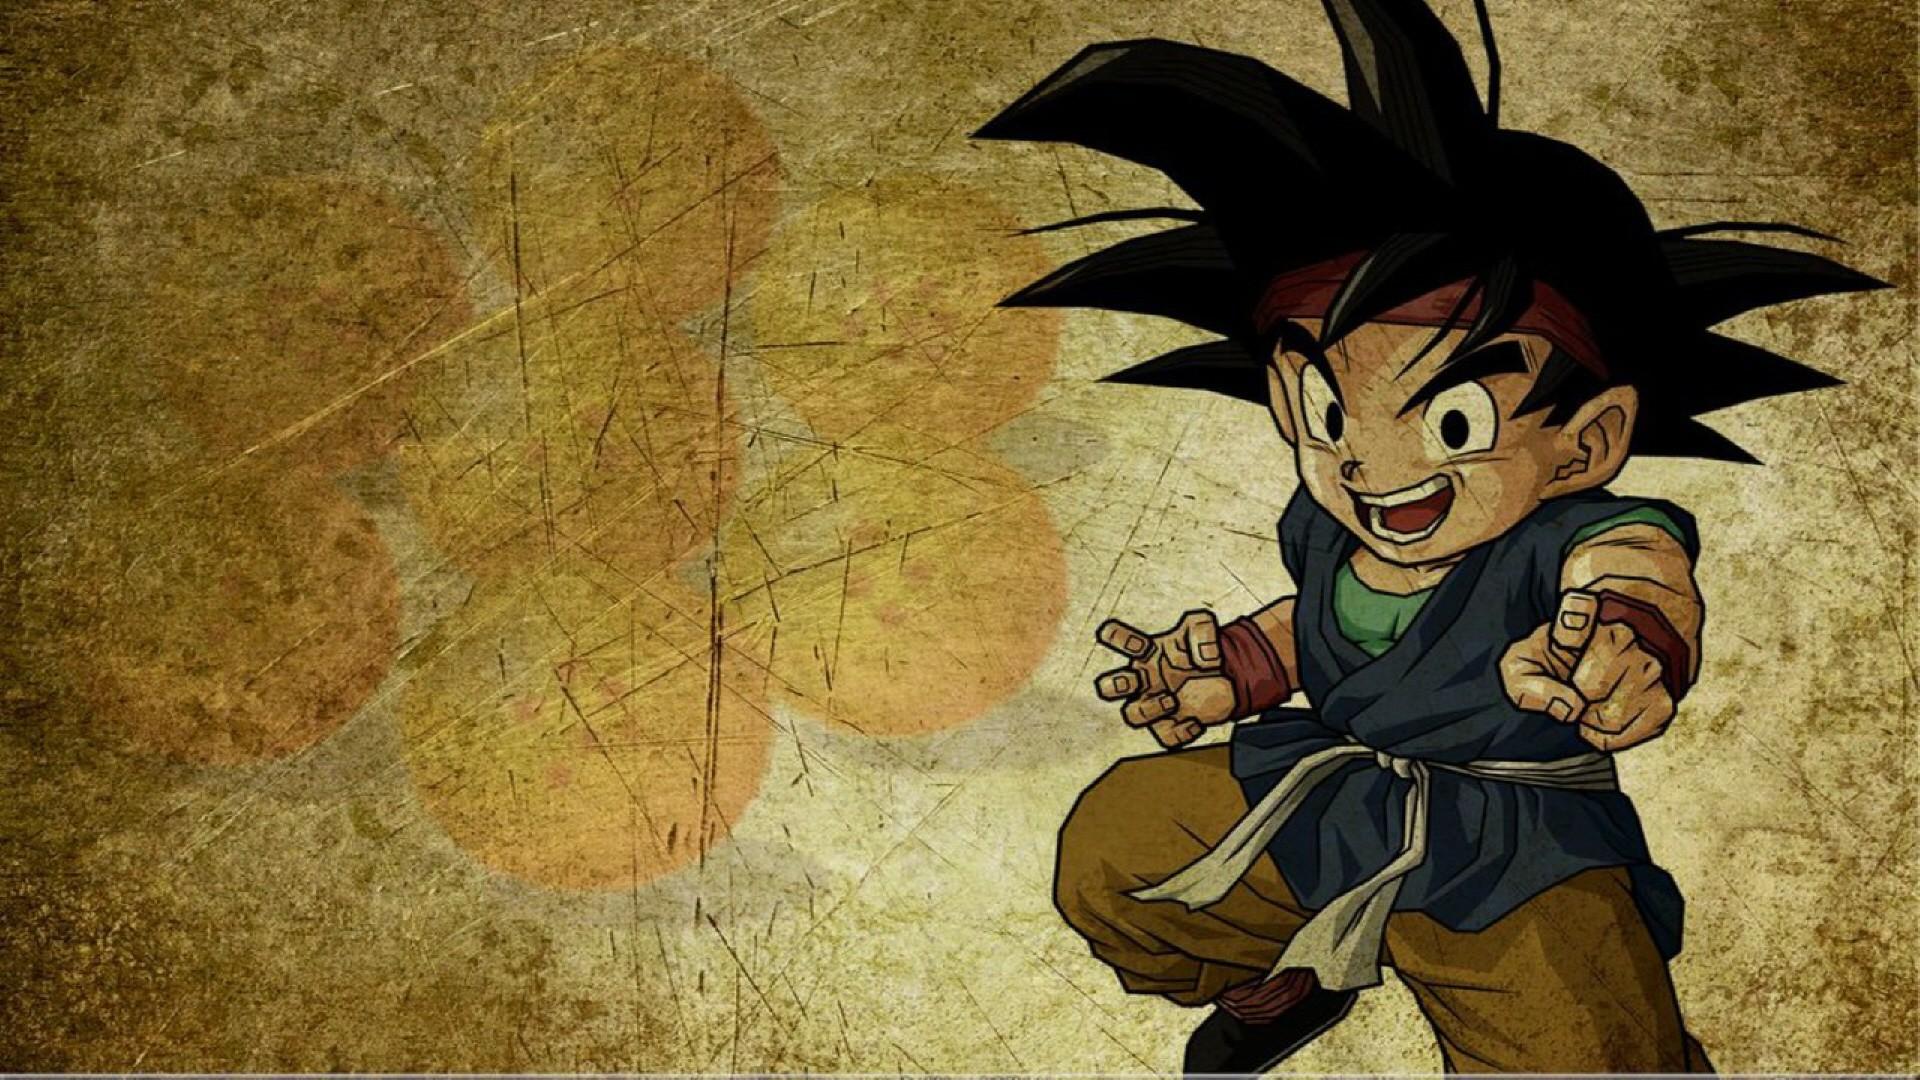 Dragon Ball Z Wallpapers Small Goku